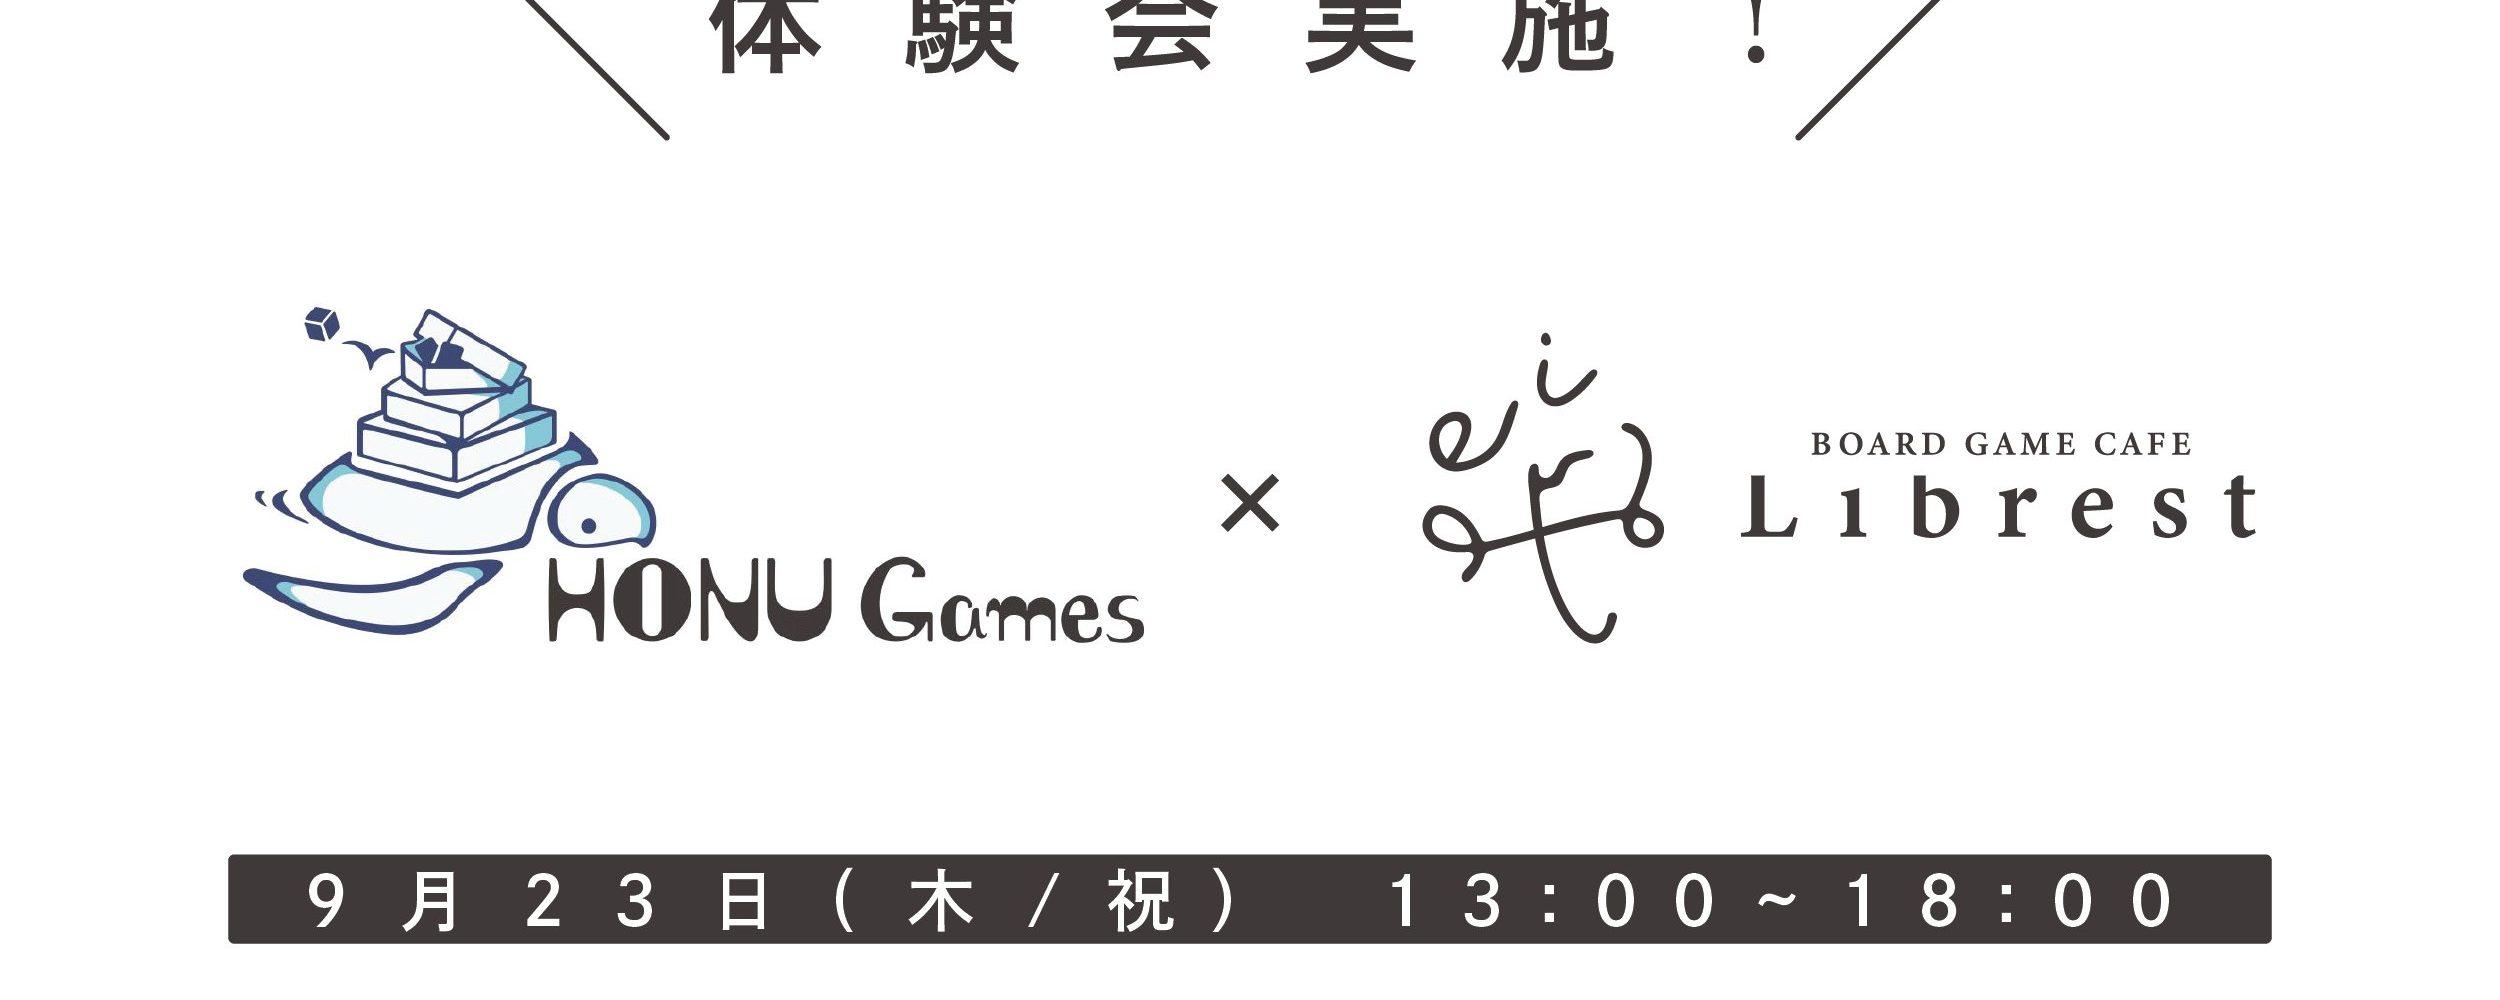 9月23日にリブレスト × ホヌゲームズ がコラボイベントを…